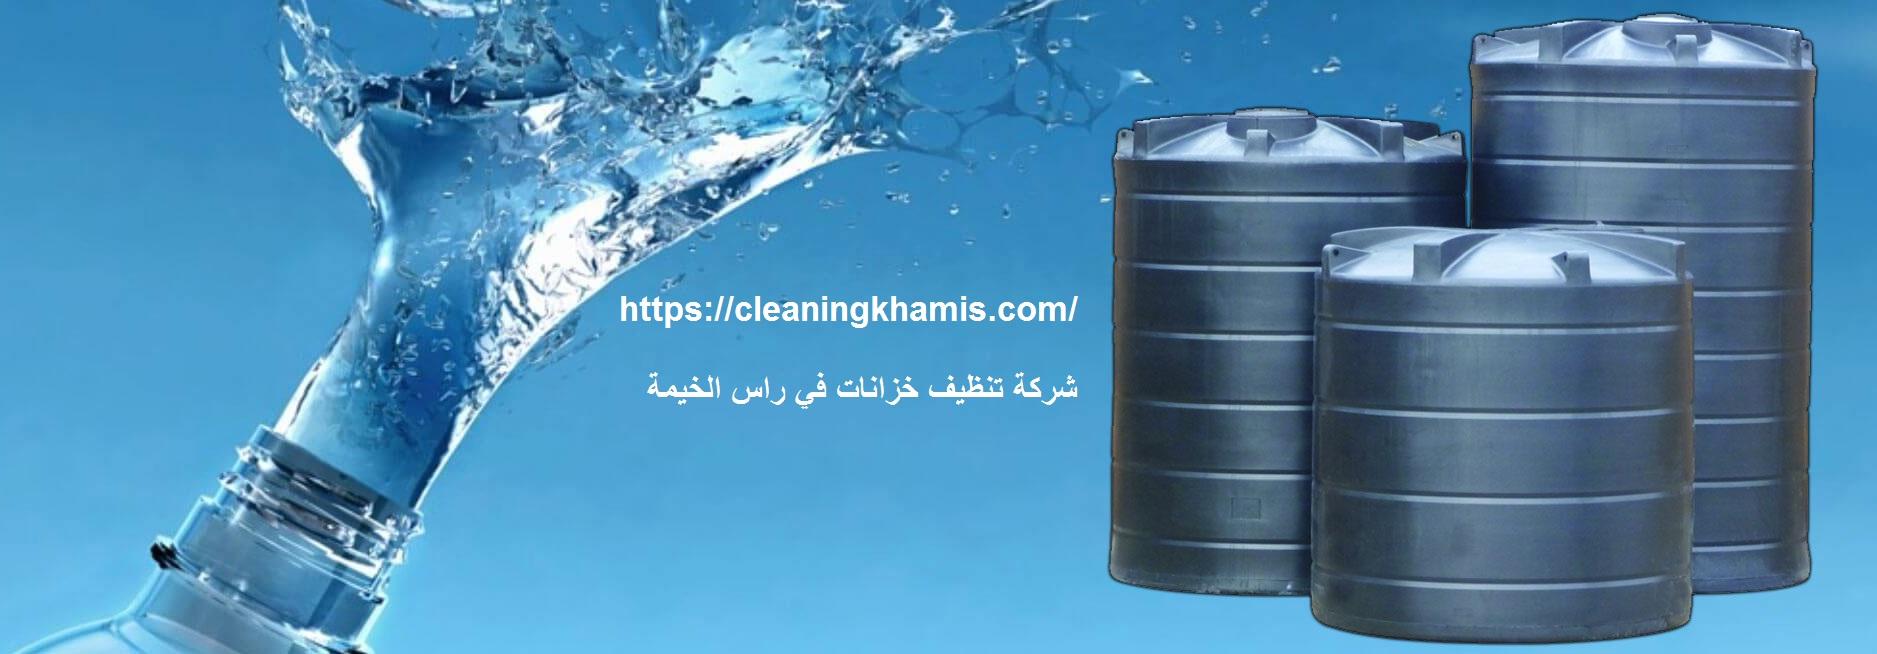 شركة تنظيف خزانات في راس الخيمة.